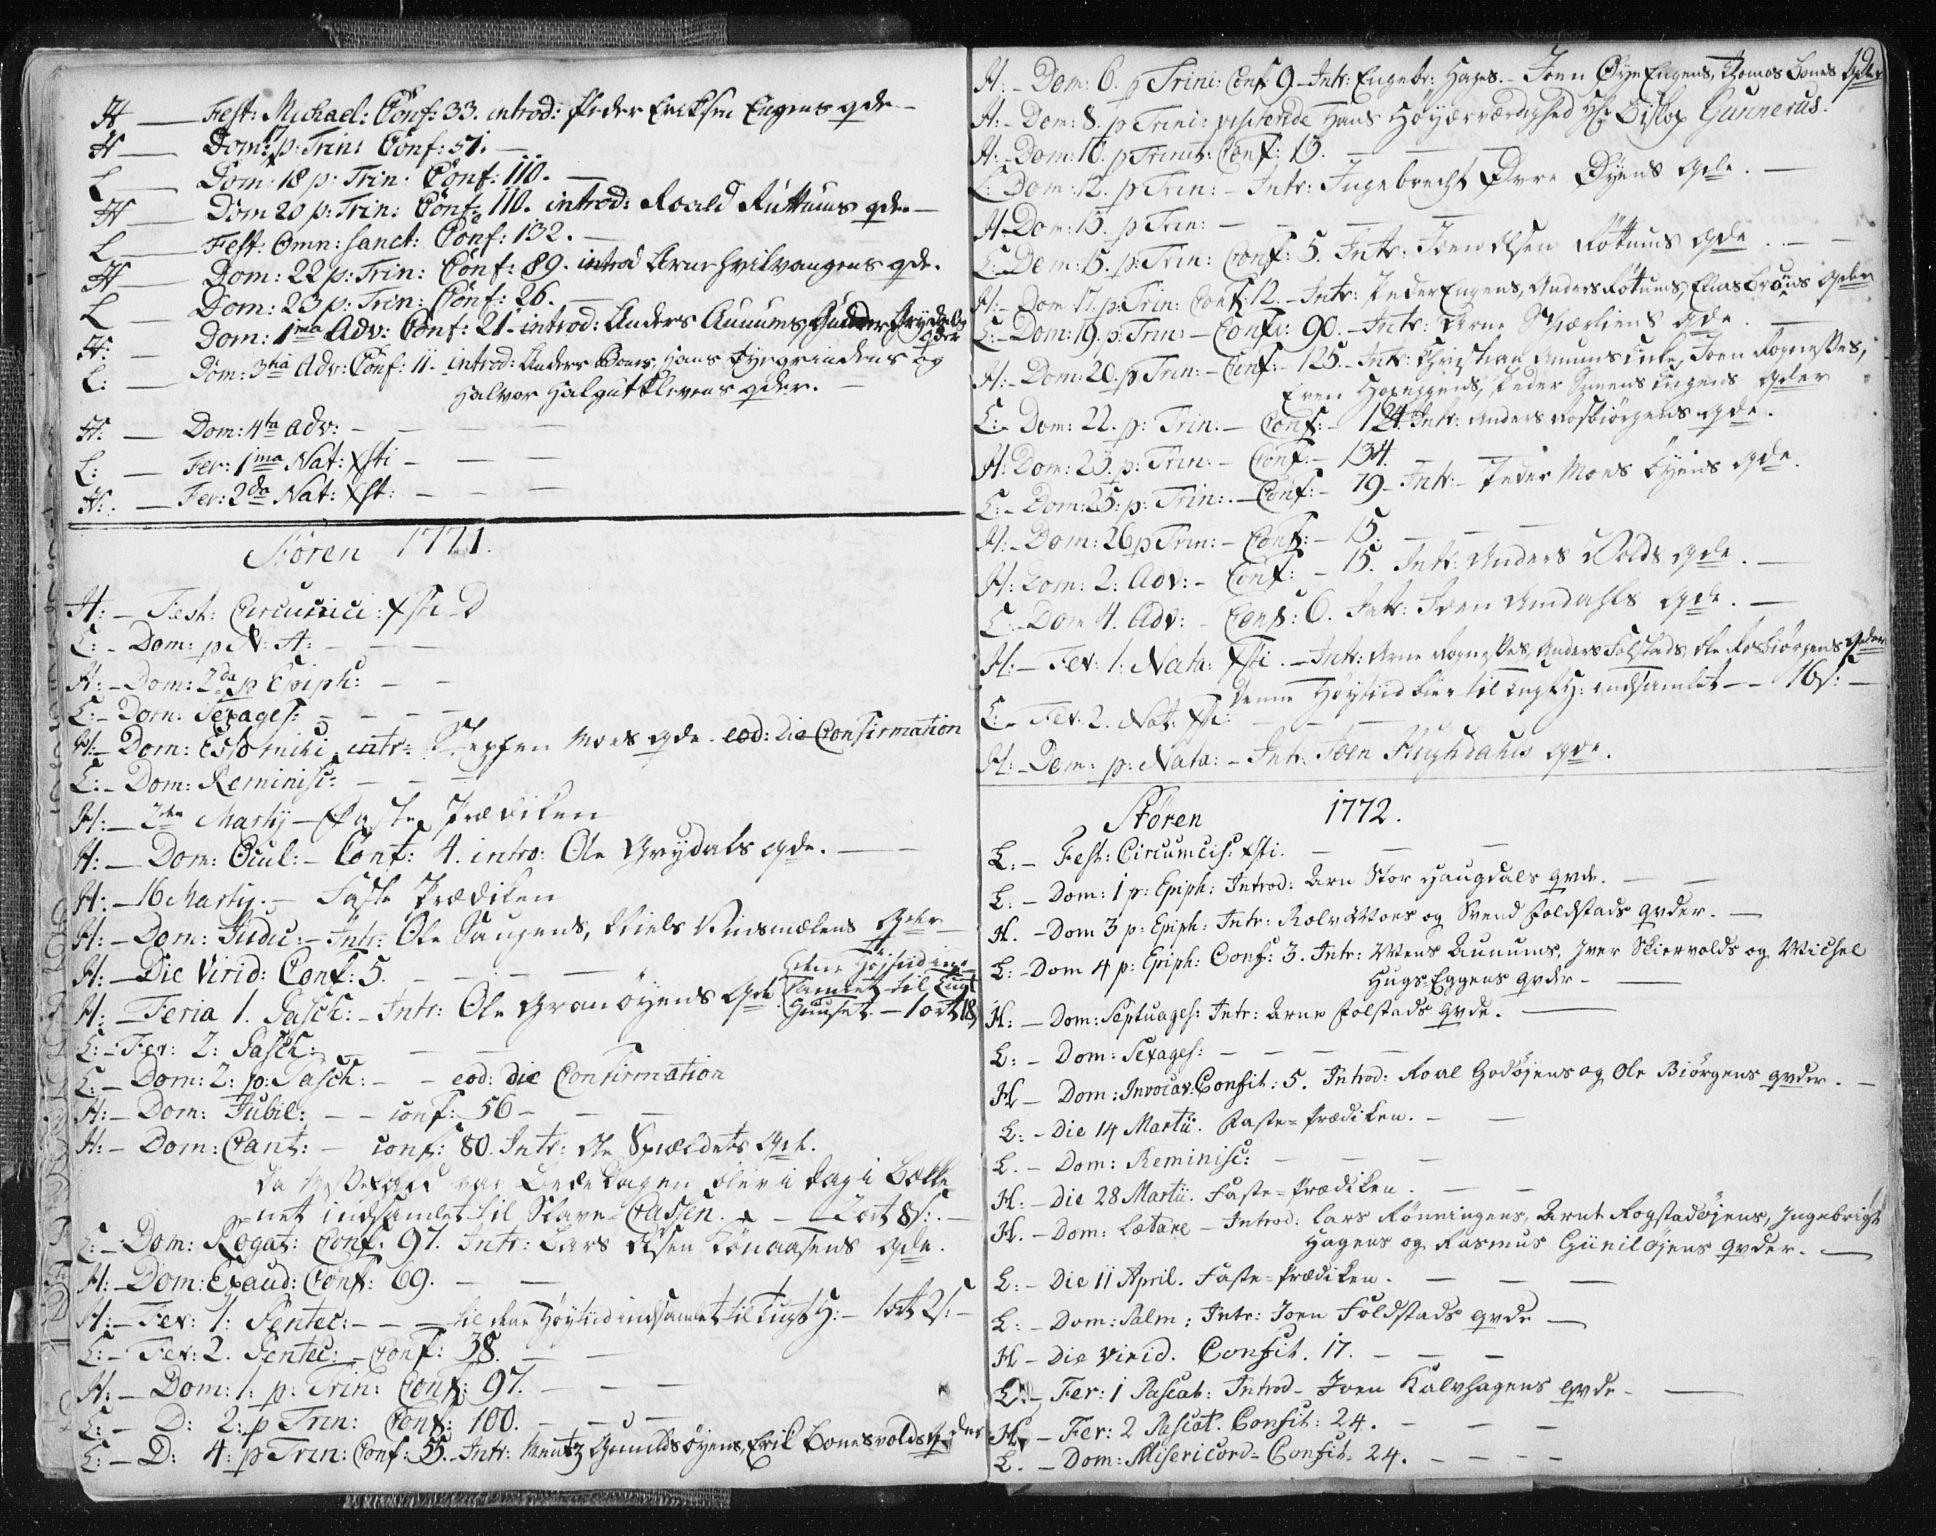 SAT, Ministerialprotokoller, klokkerbøker og fødselsregistre - Sør-Trøndelag, 687/L0991: Ministerialbok nr. 687A02, 1747-1790, s. 19